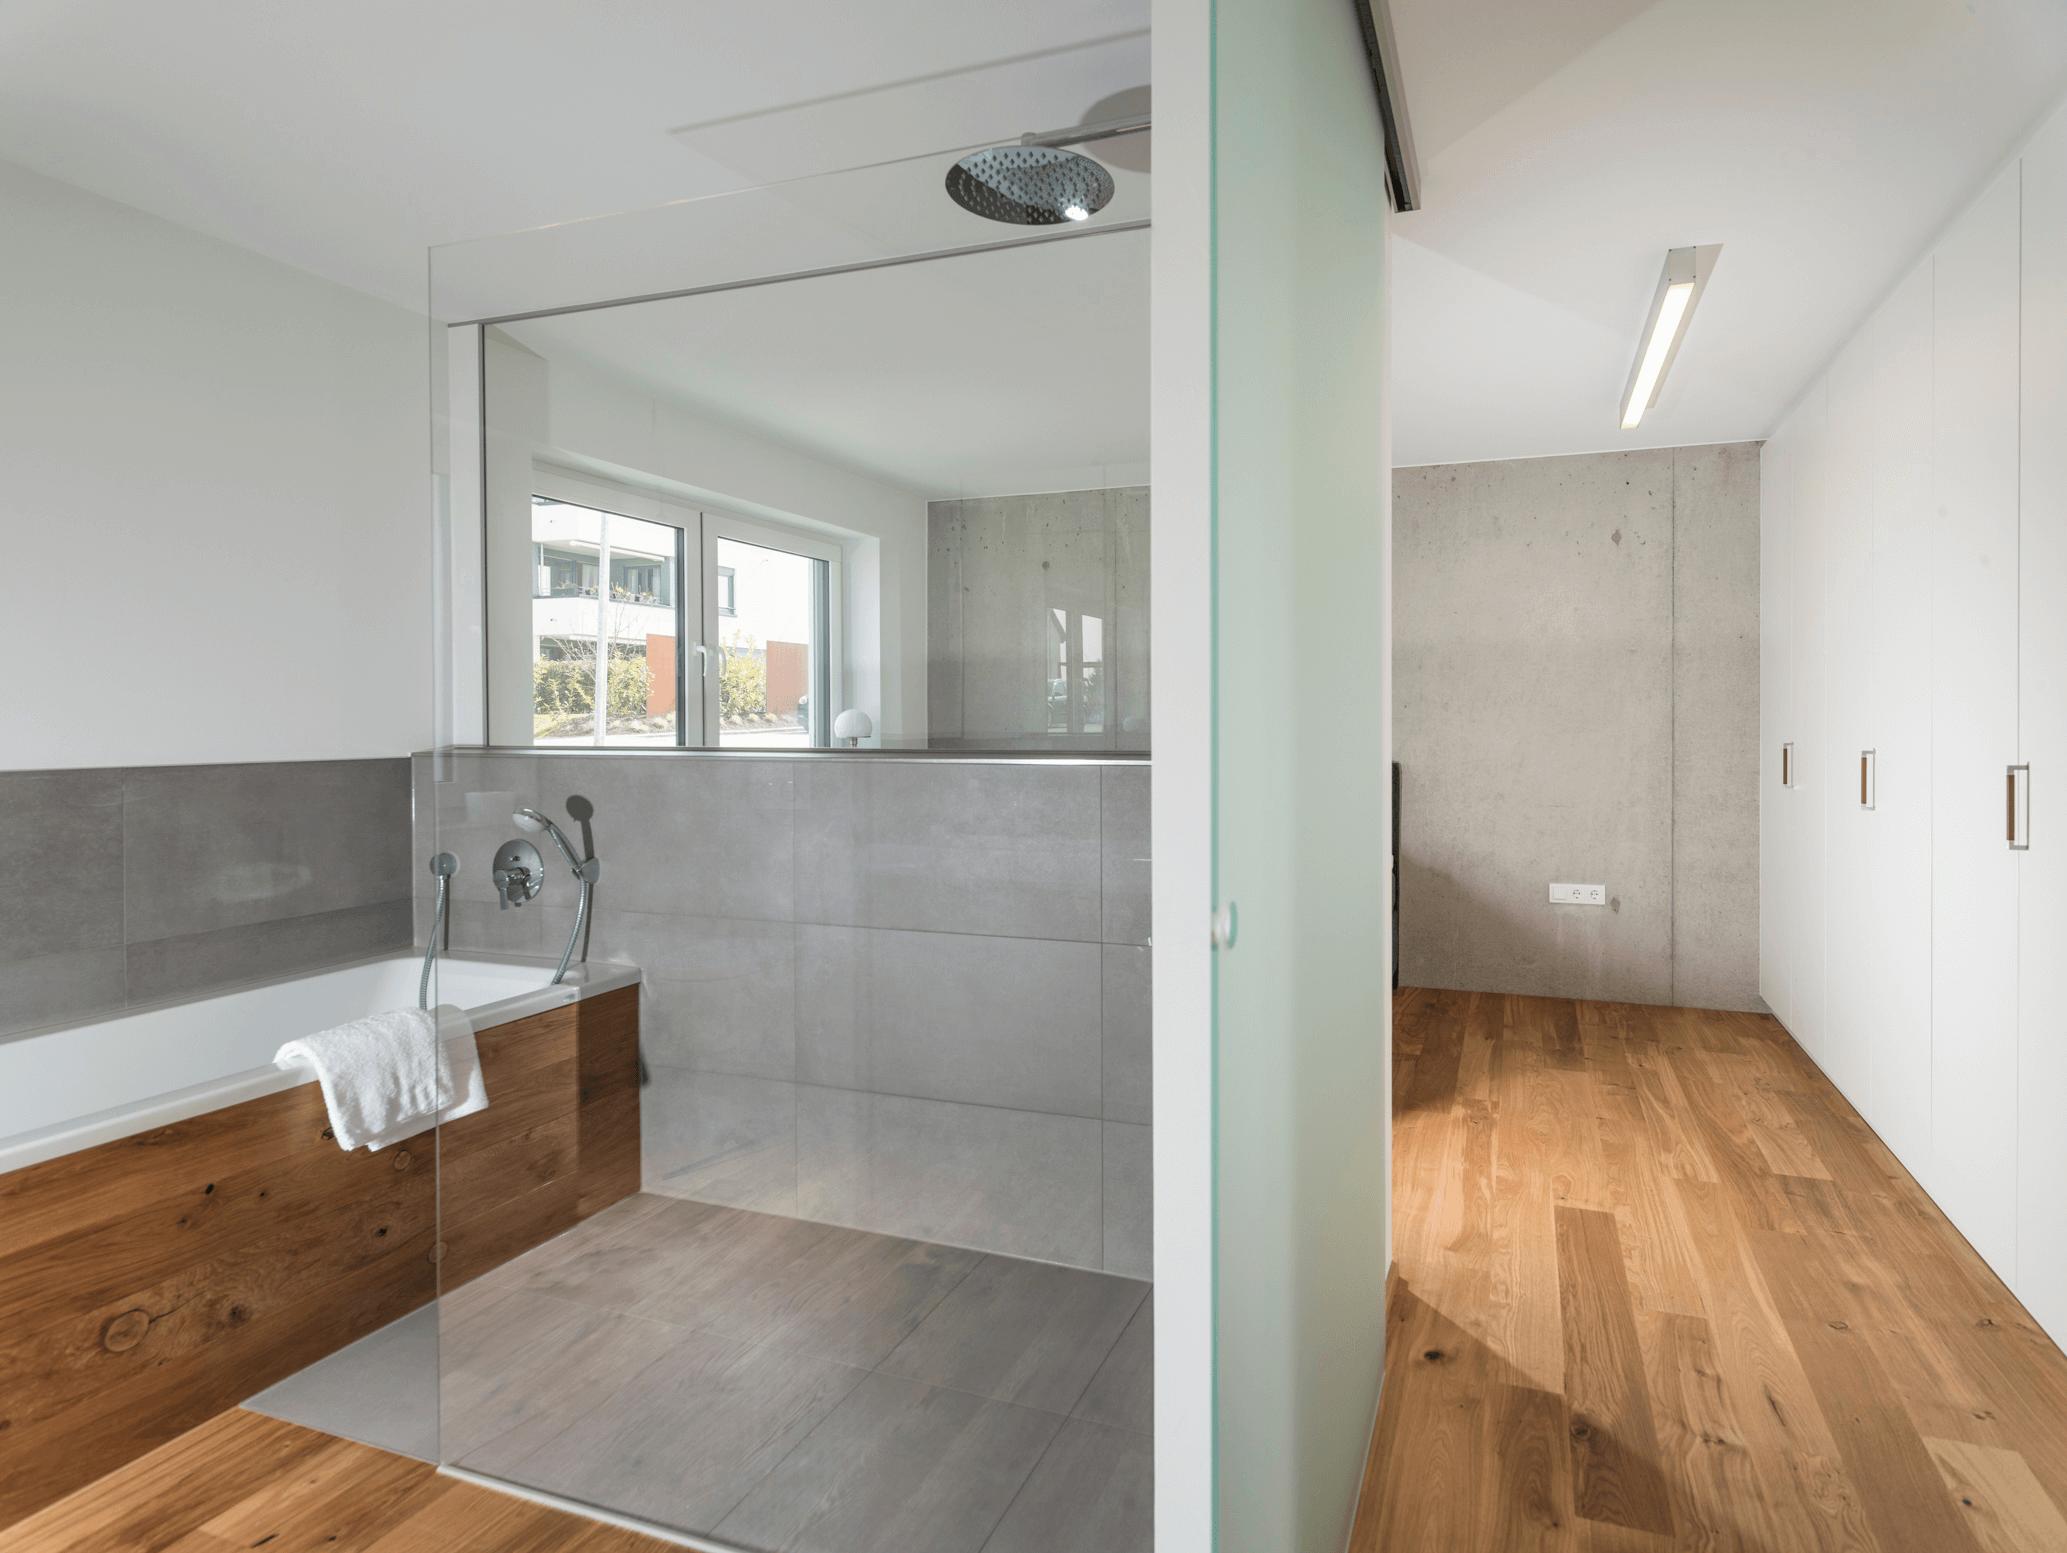 Parkett im Badezimmer – Die optimale Basis für Ihre Wohlfühloase ...